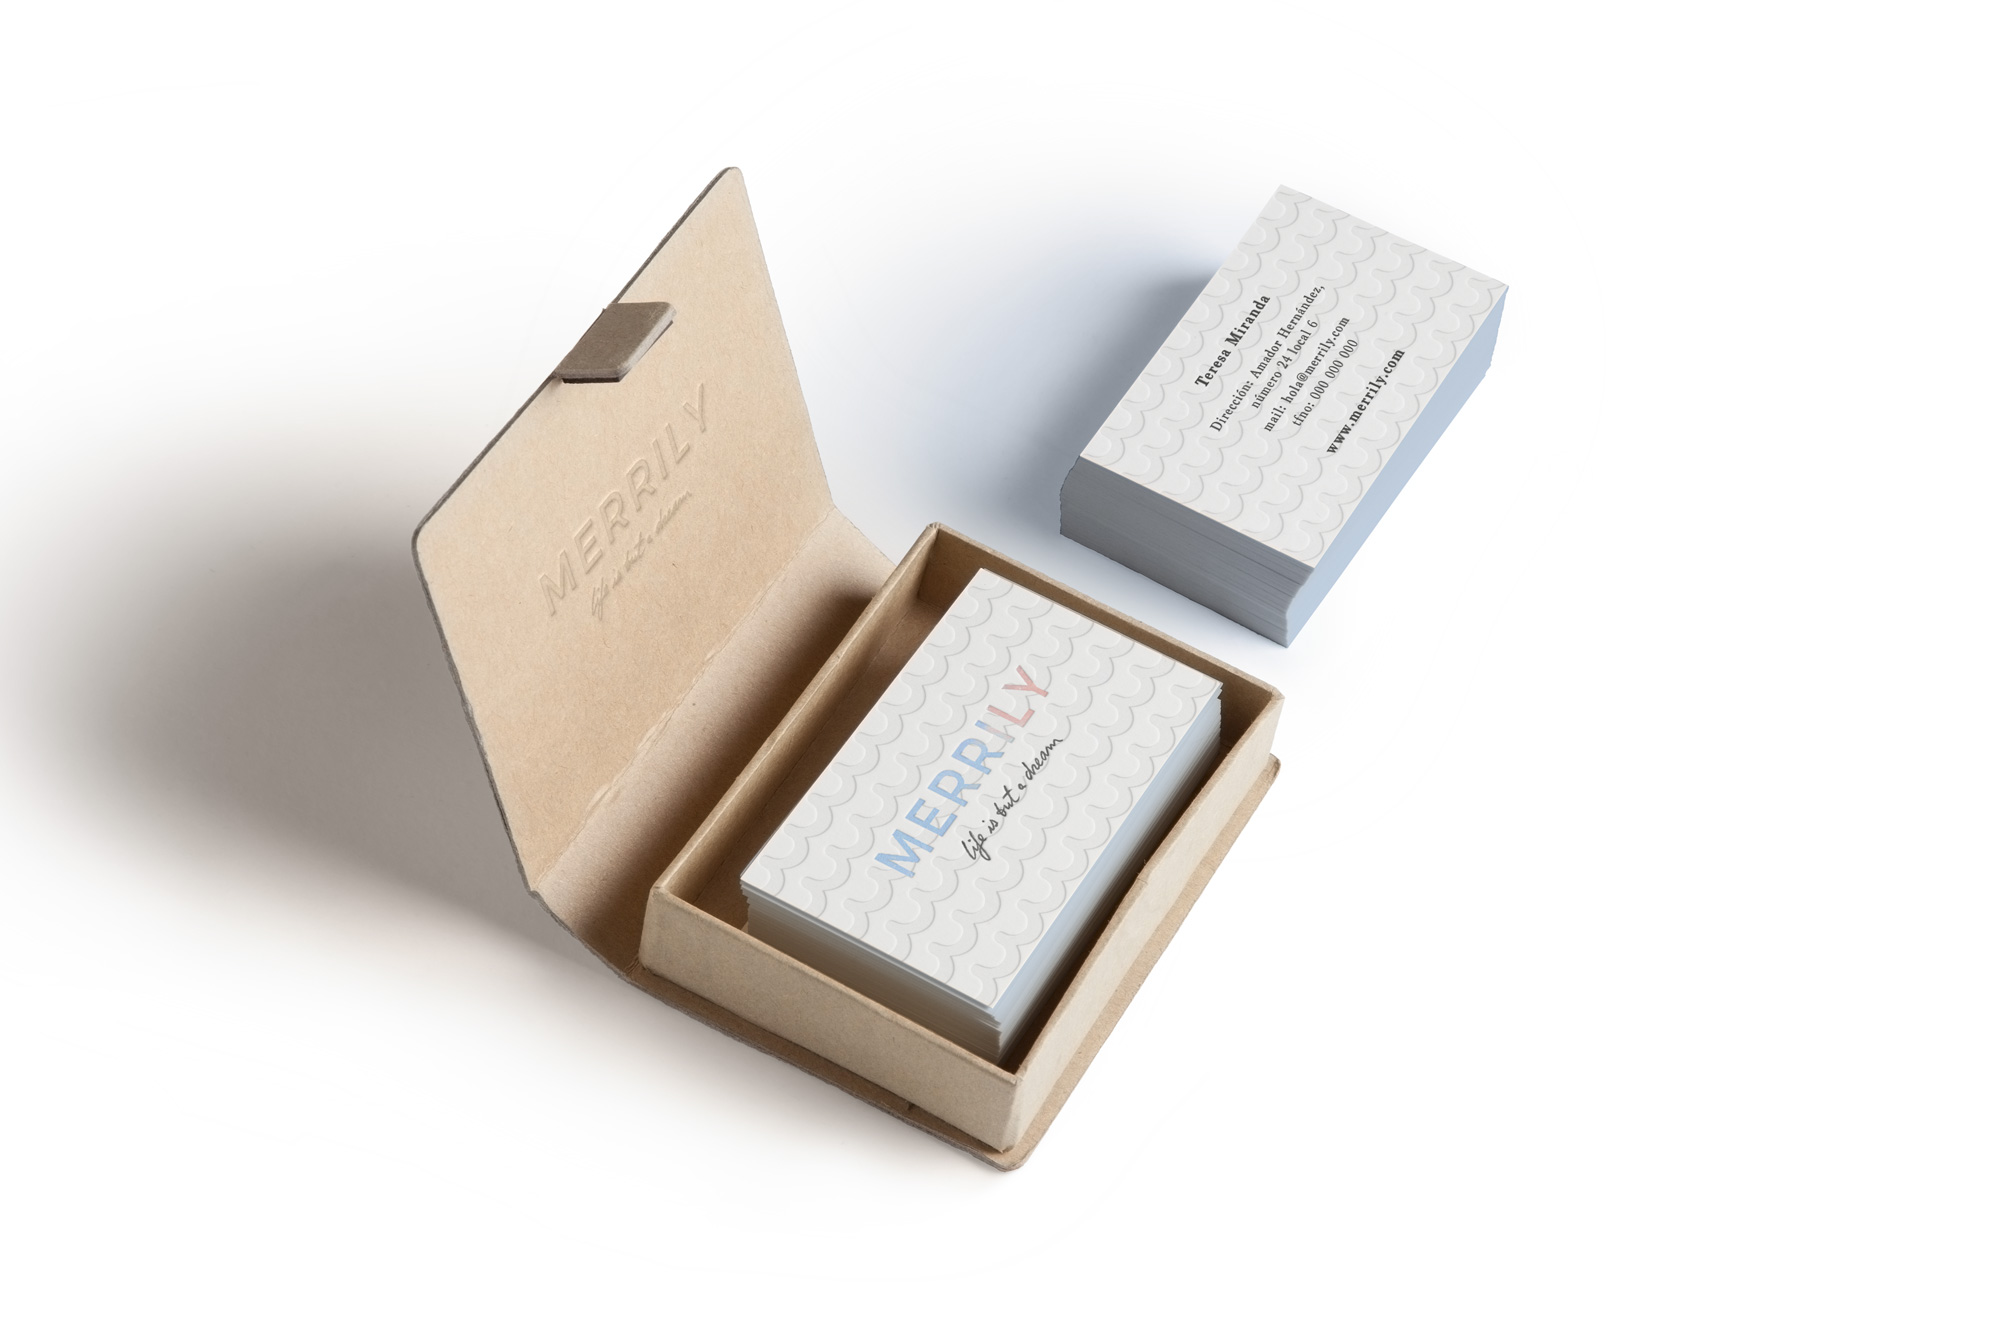 Mockup-Merrily-tarjetas